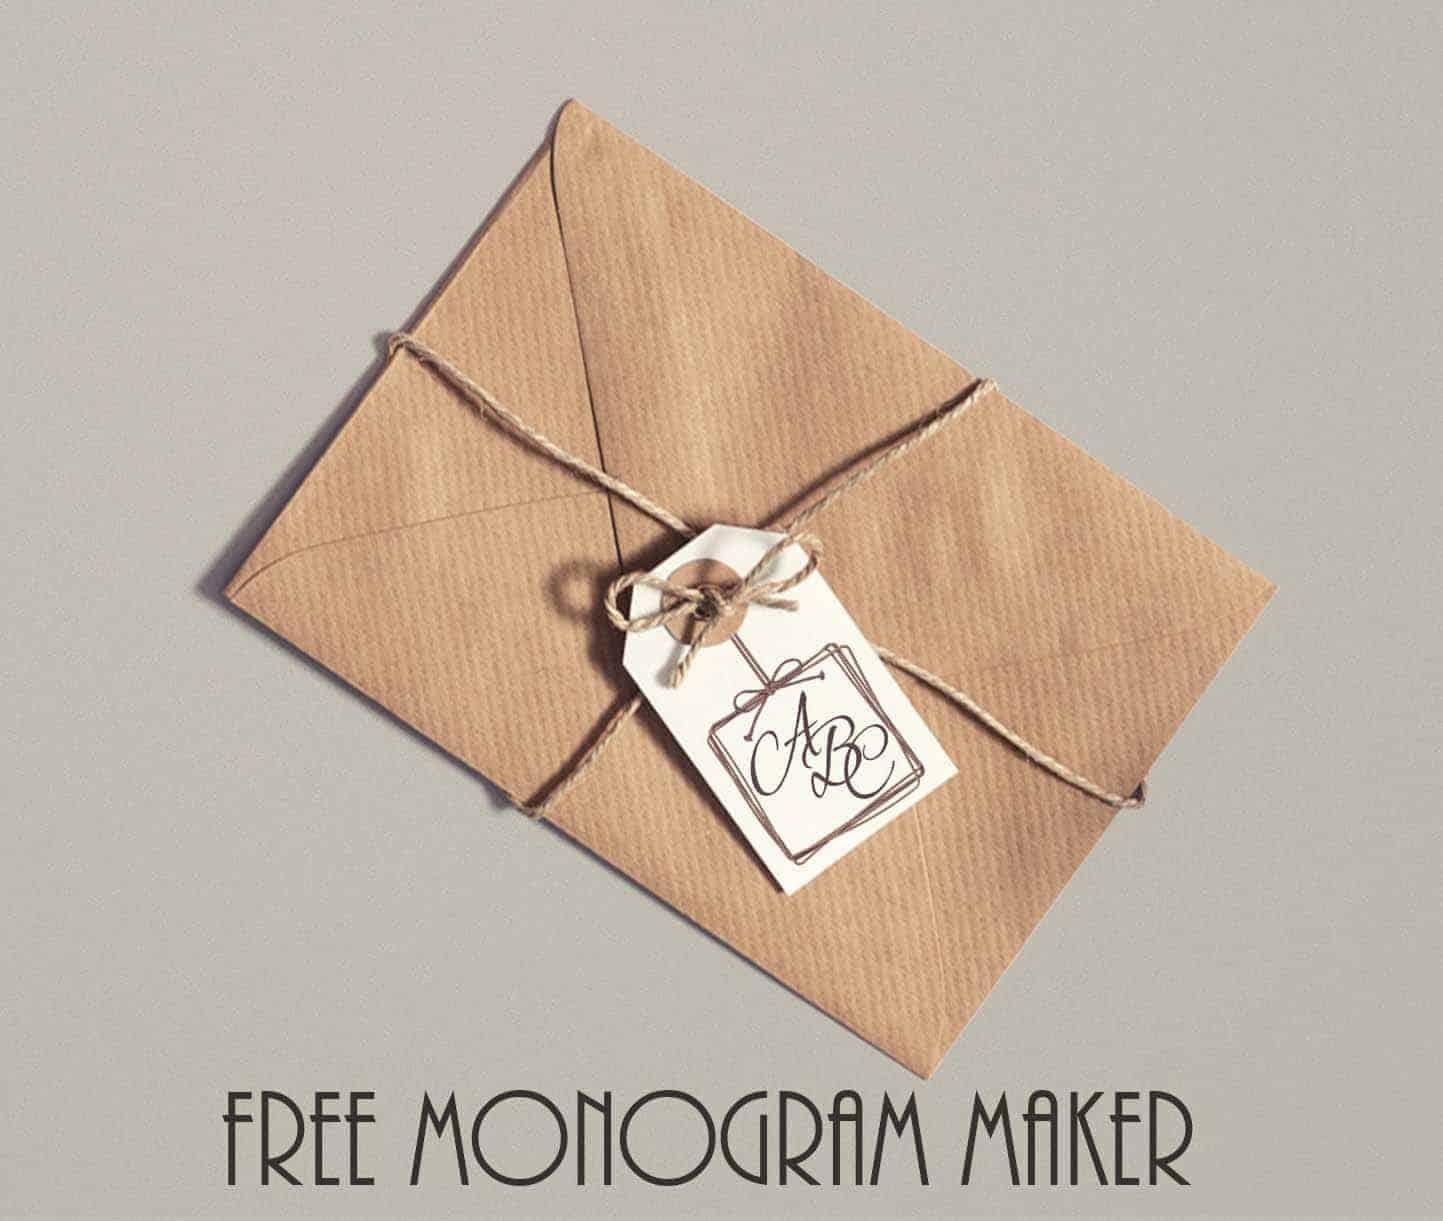 Free Printable Customizable Gift Tags | Customize Online & Print At Home - Free Online Gift Tags Printable